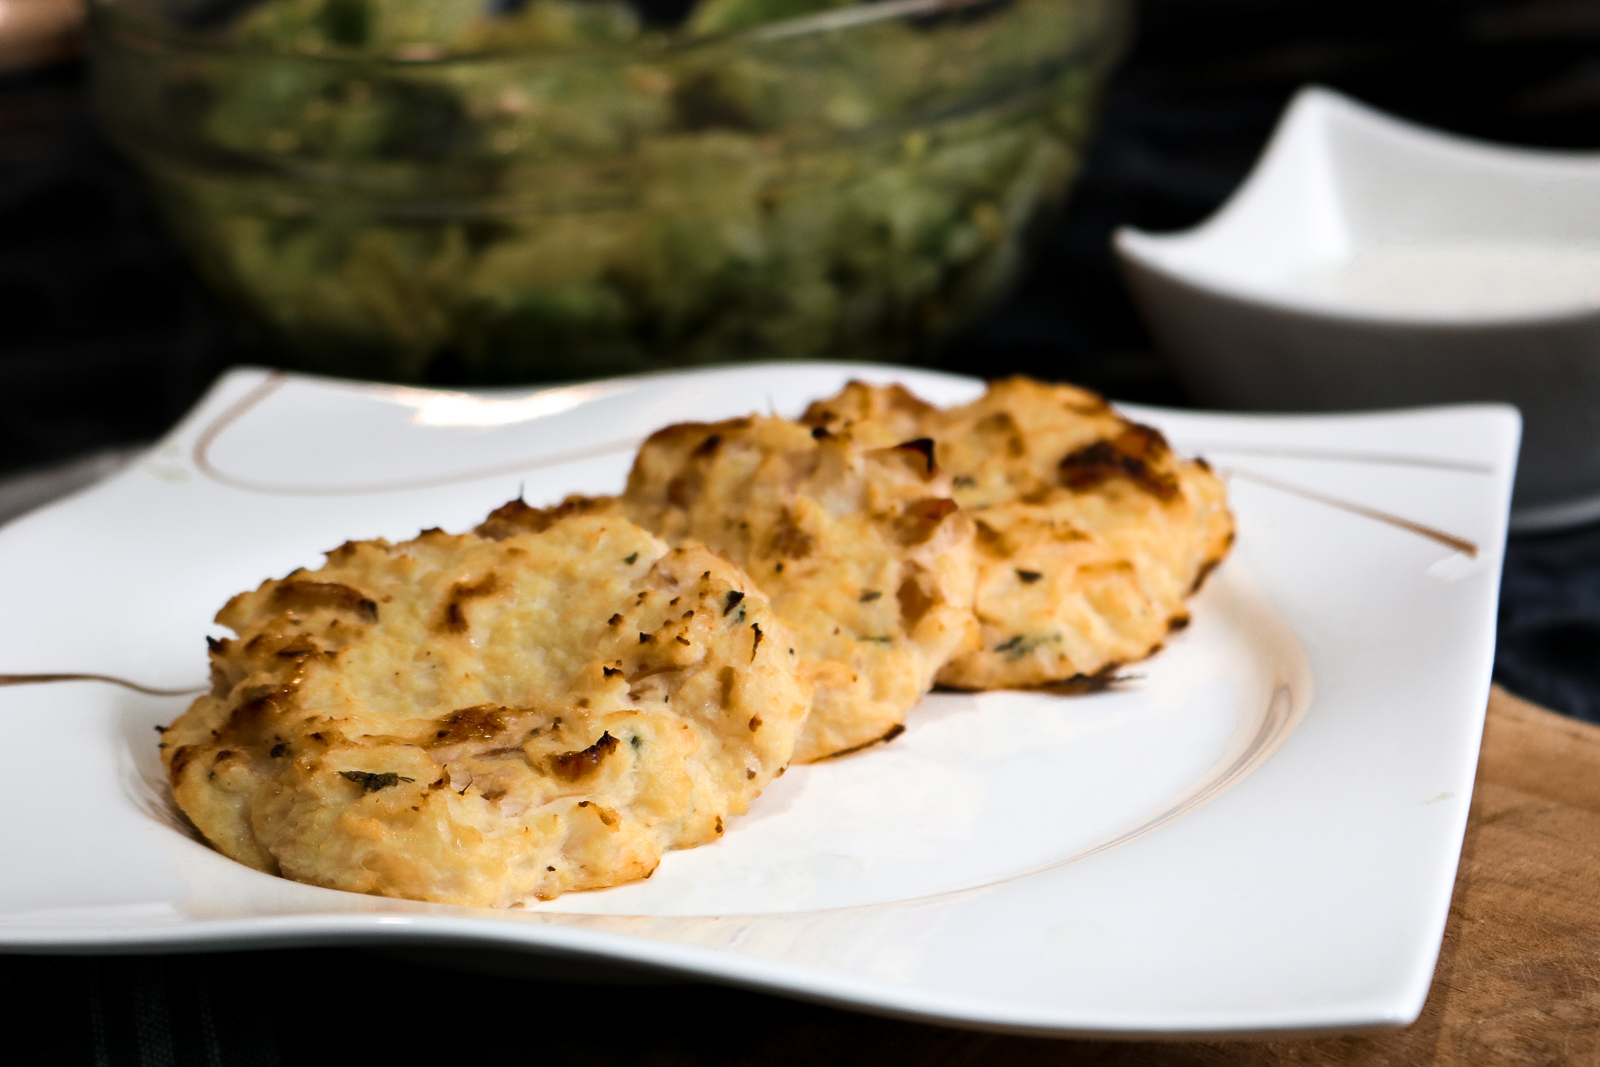 Karfiol Laibchen aus dem Backofen - schnelles Blumenkohl Rezept - einfaches Rezept - gesund und lecker - Fashionladyloves by Tamara Wagner - Food Blog - gesunde Rezepte - schnelle Rezepte - Gemüse Rezepte